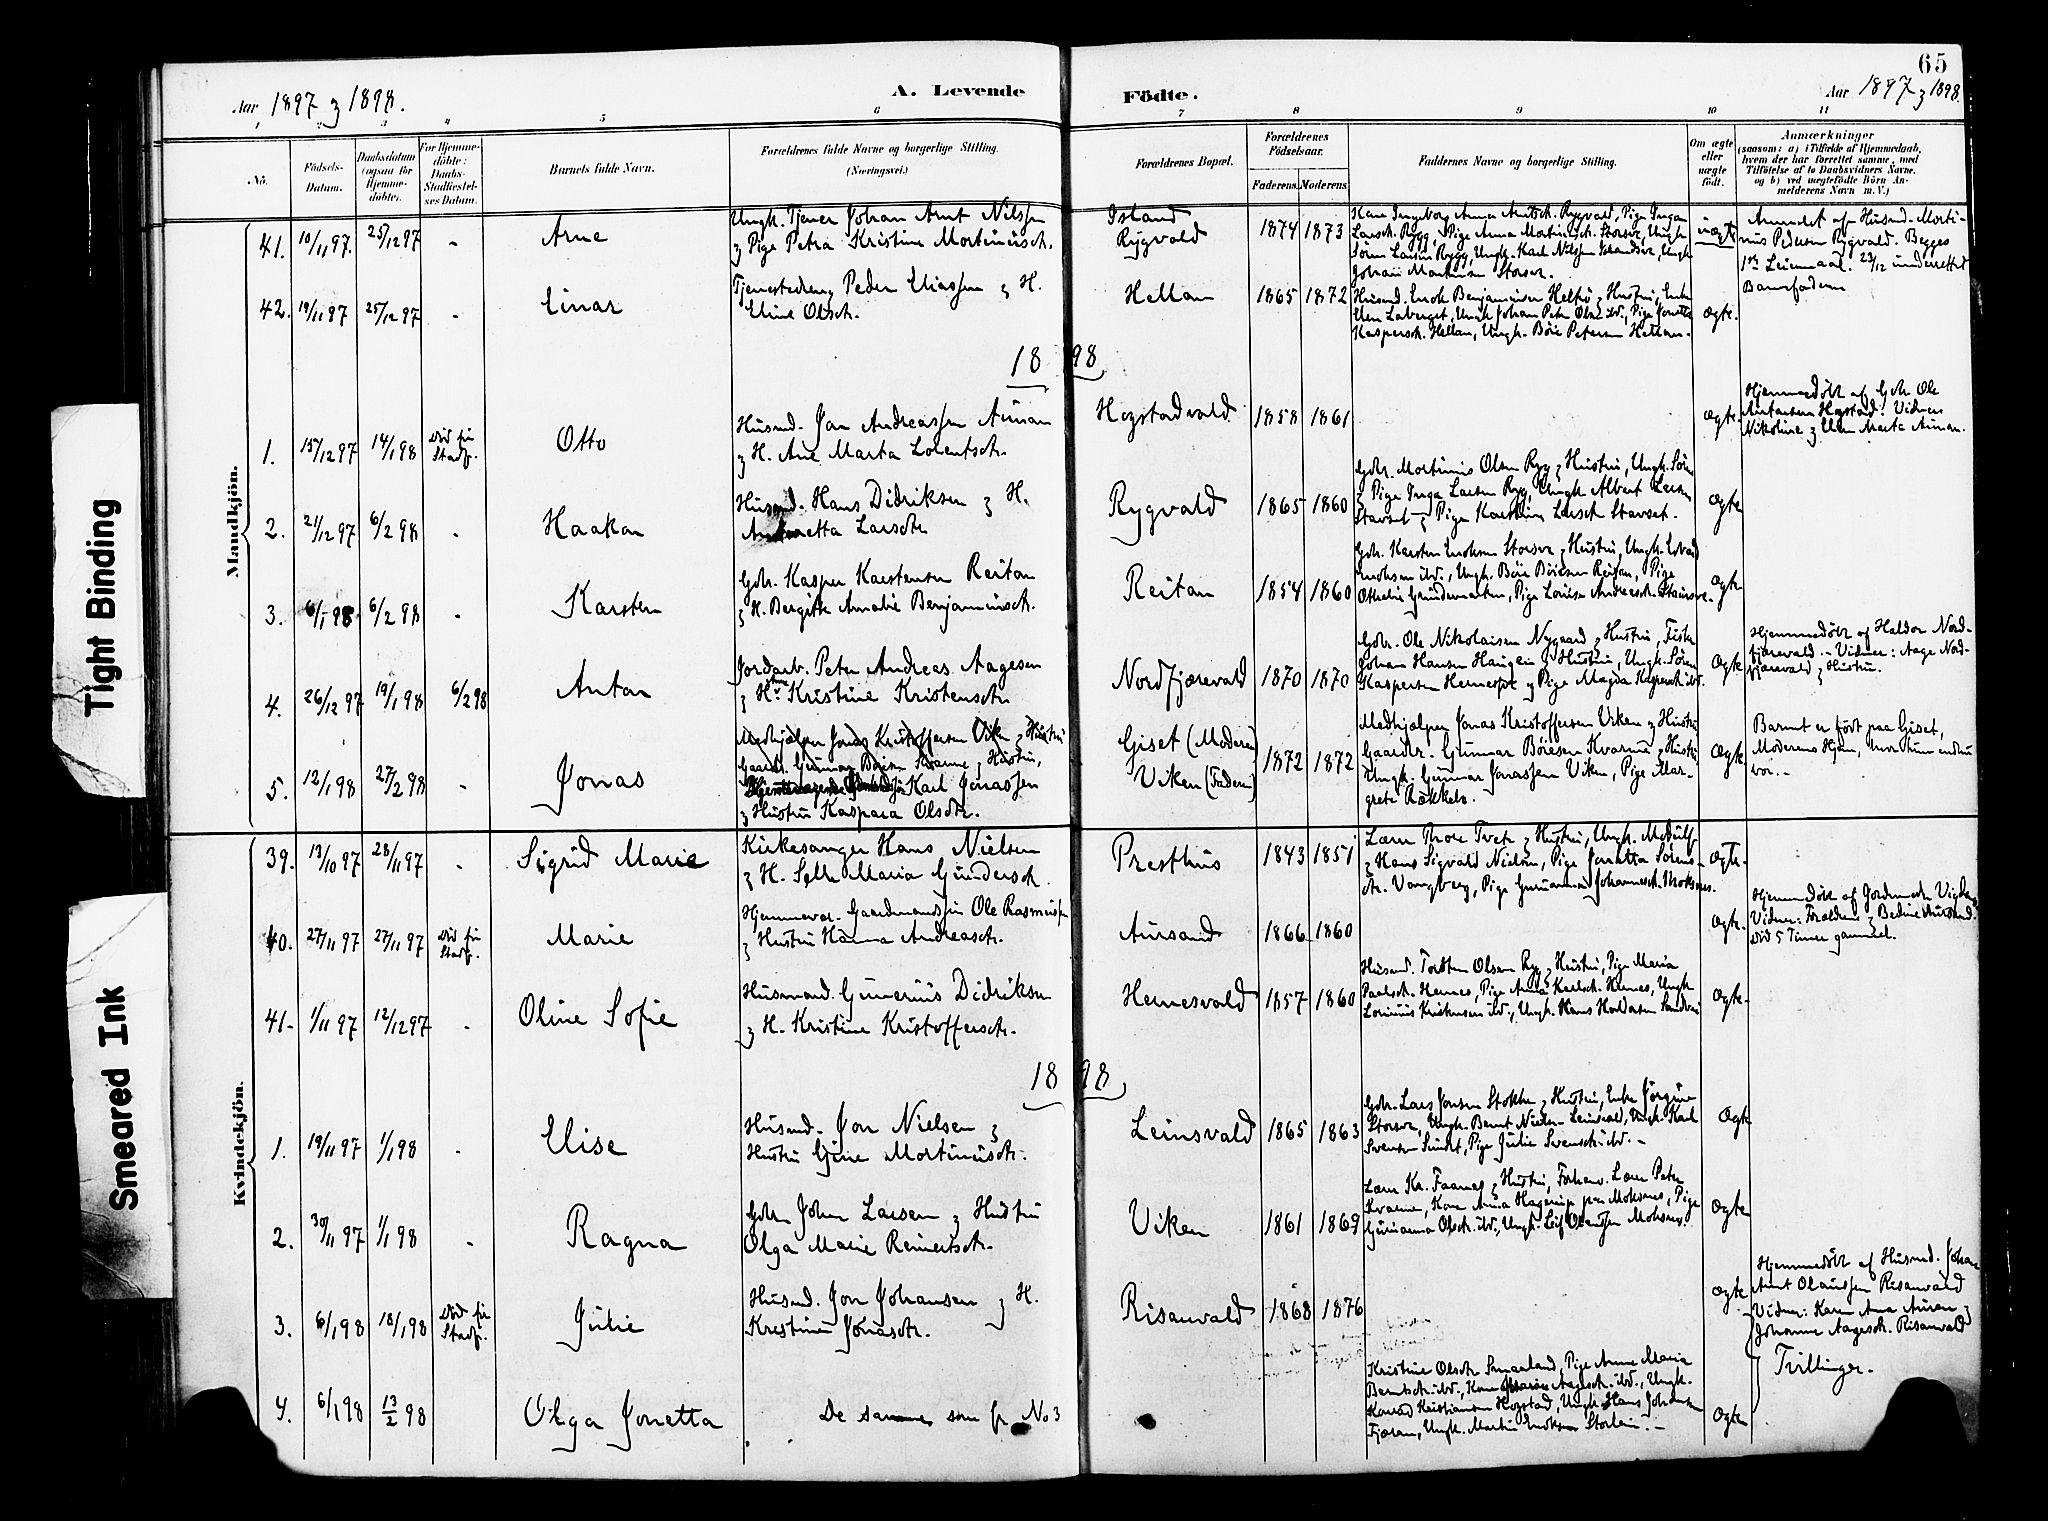 SAT, Ministerialprotokoller, klokkerbøker og fødselsregistre - Nord-Trøndelag, 713/L0121: Ministerialbok nr. 713A10, 1888-1898, s. 65